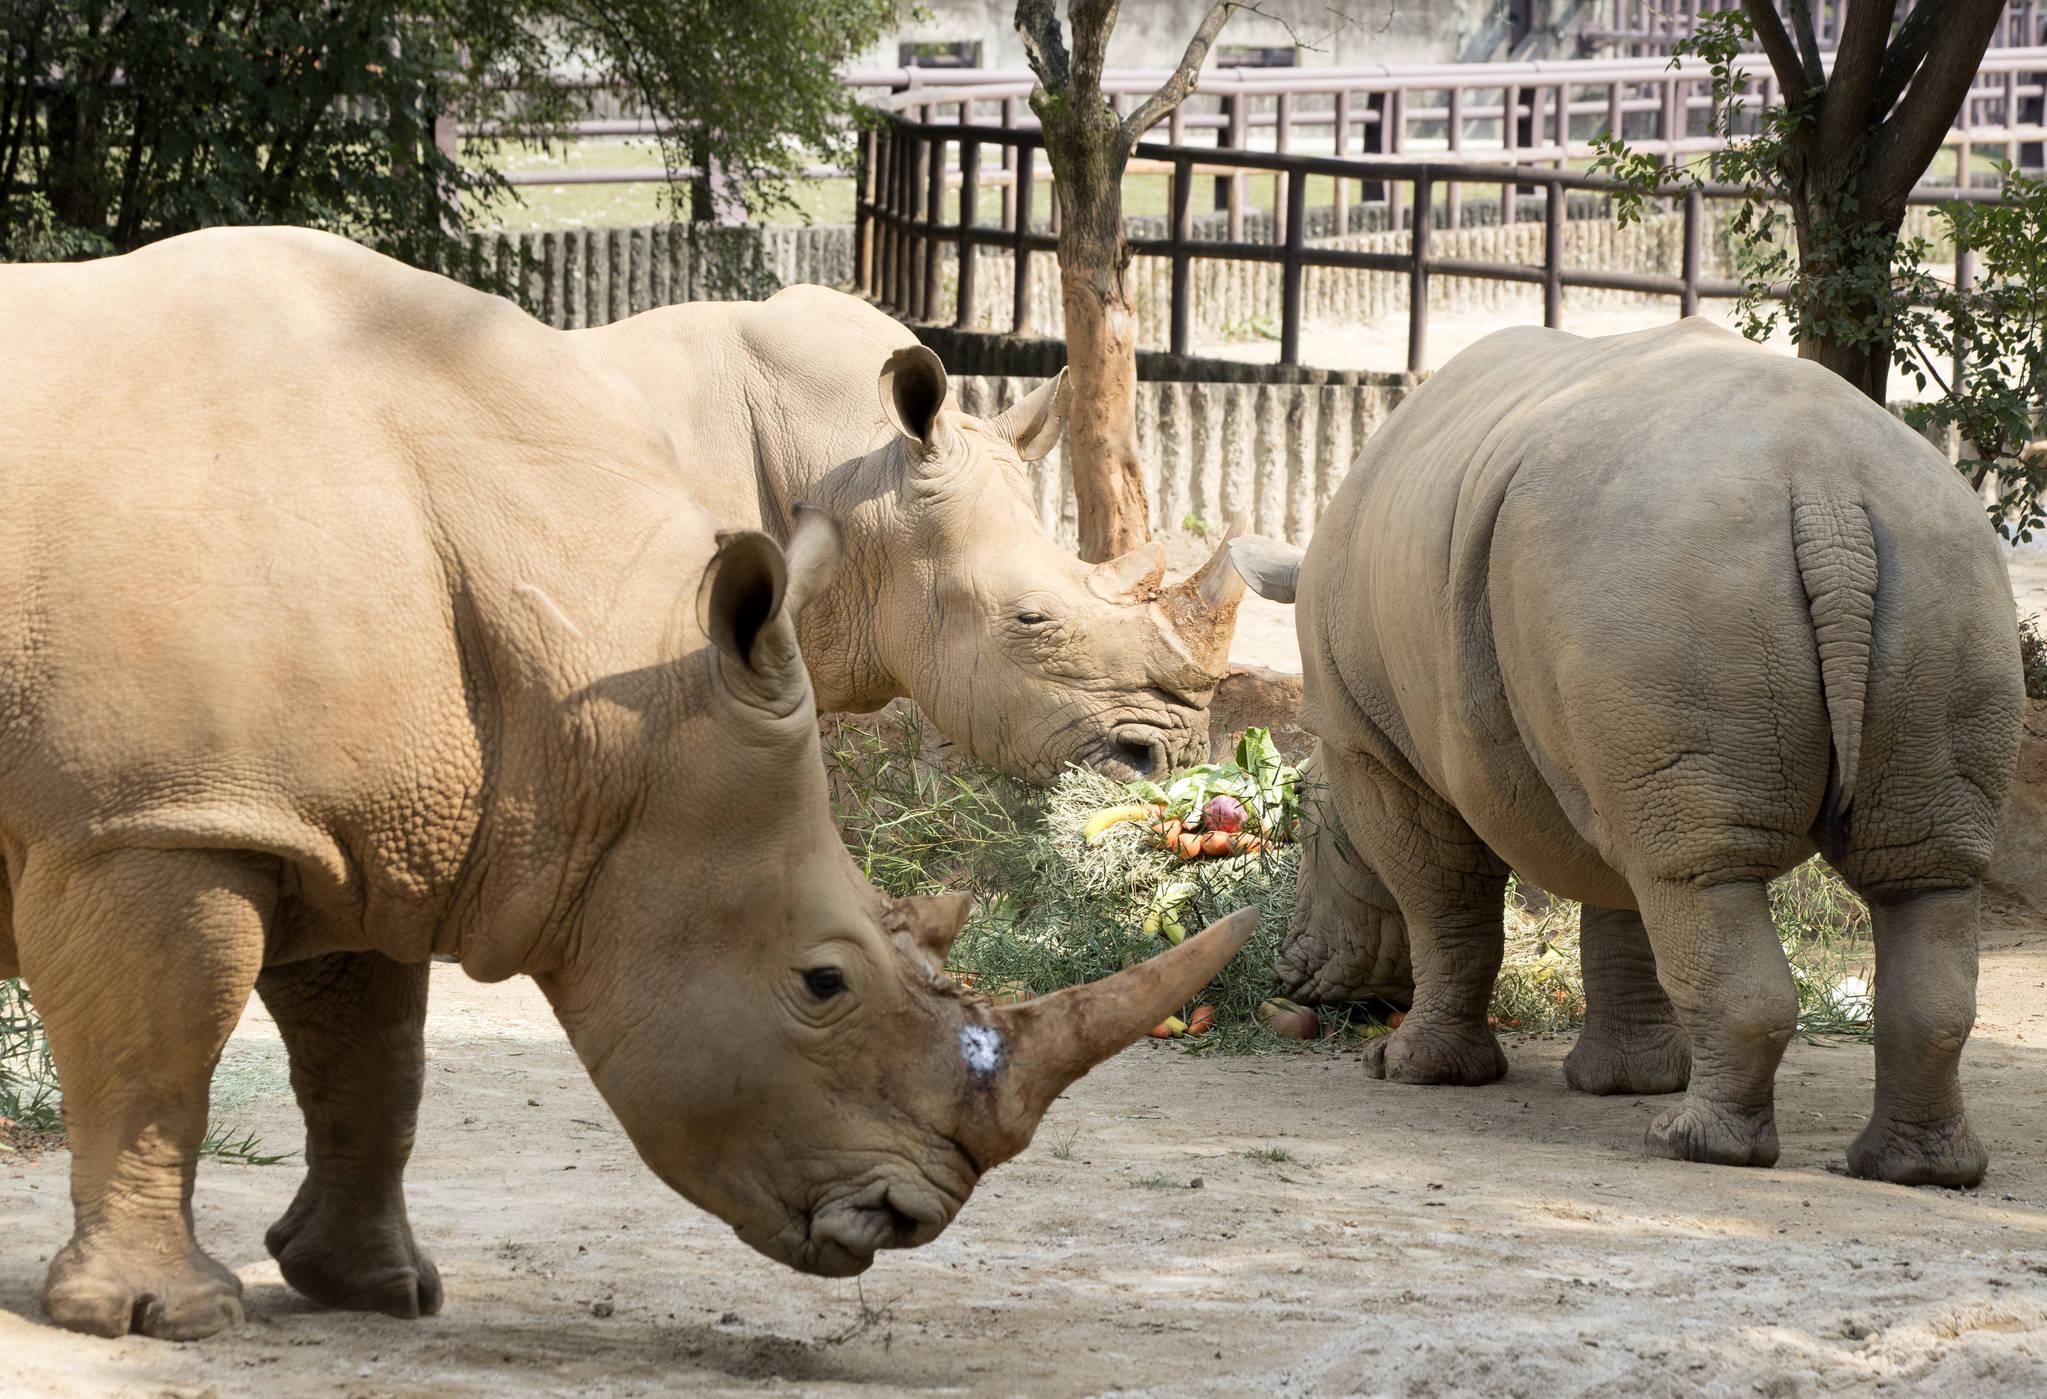 세계 코뿔소의 날인 지난달 22일 오후 과천 서울대공원 동물원에서 코뿔소들이 특별재료로 제작된 케이크를 맛보고 있다. [연합뉴스]